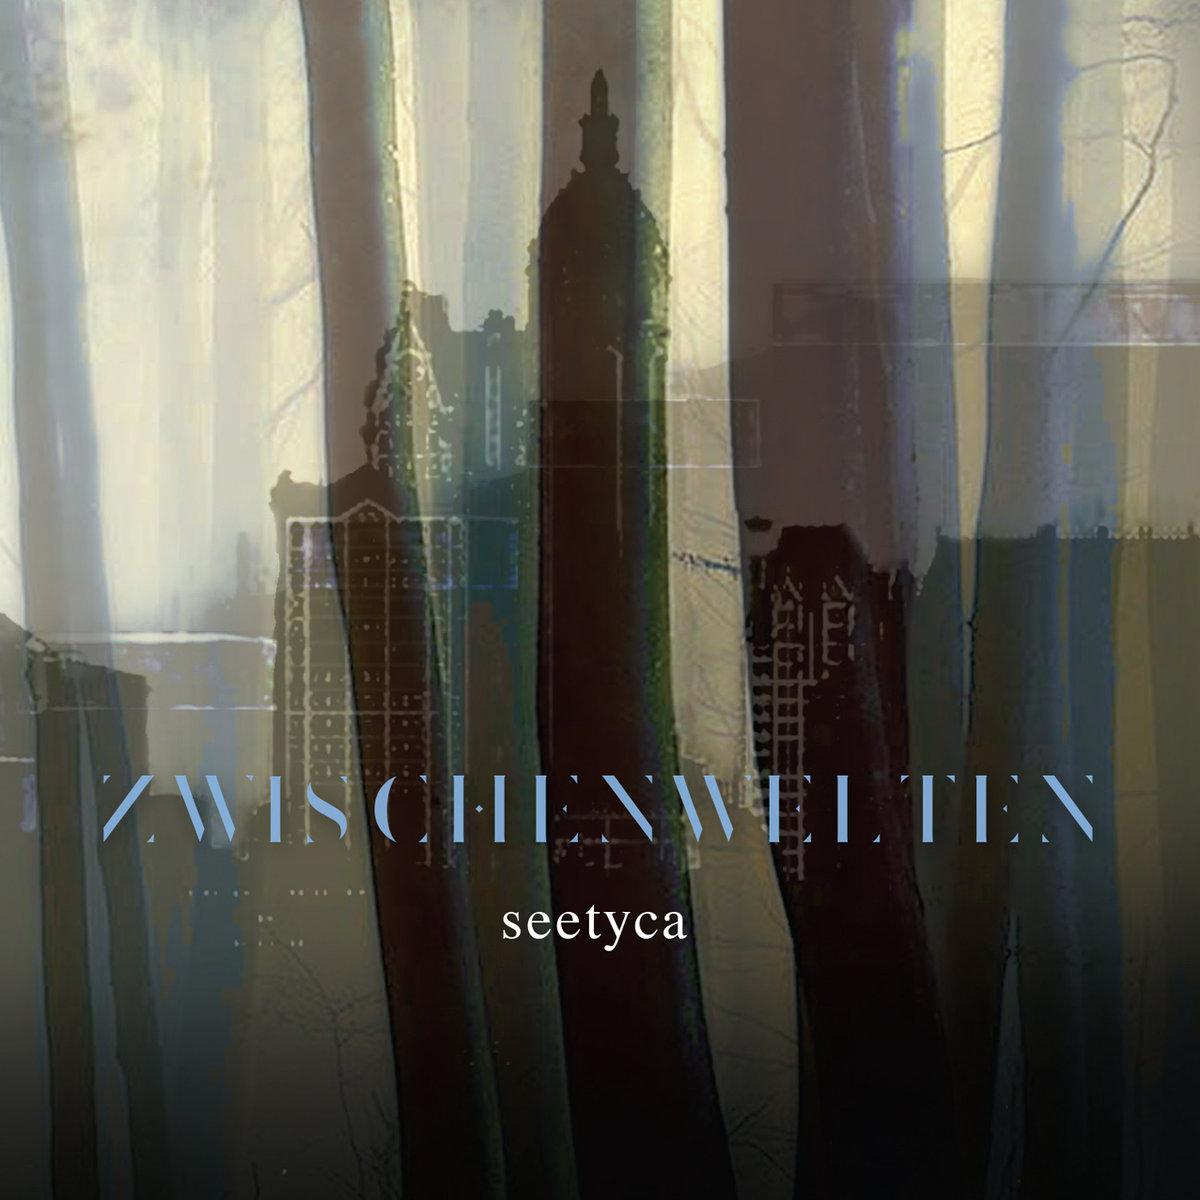 seetyca: Zwischenwelten 【予約受付中】